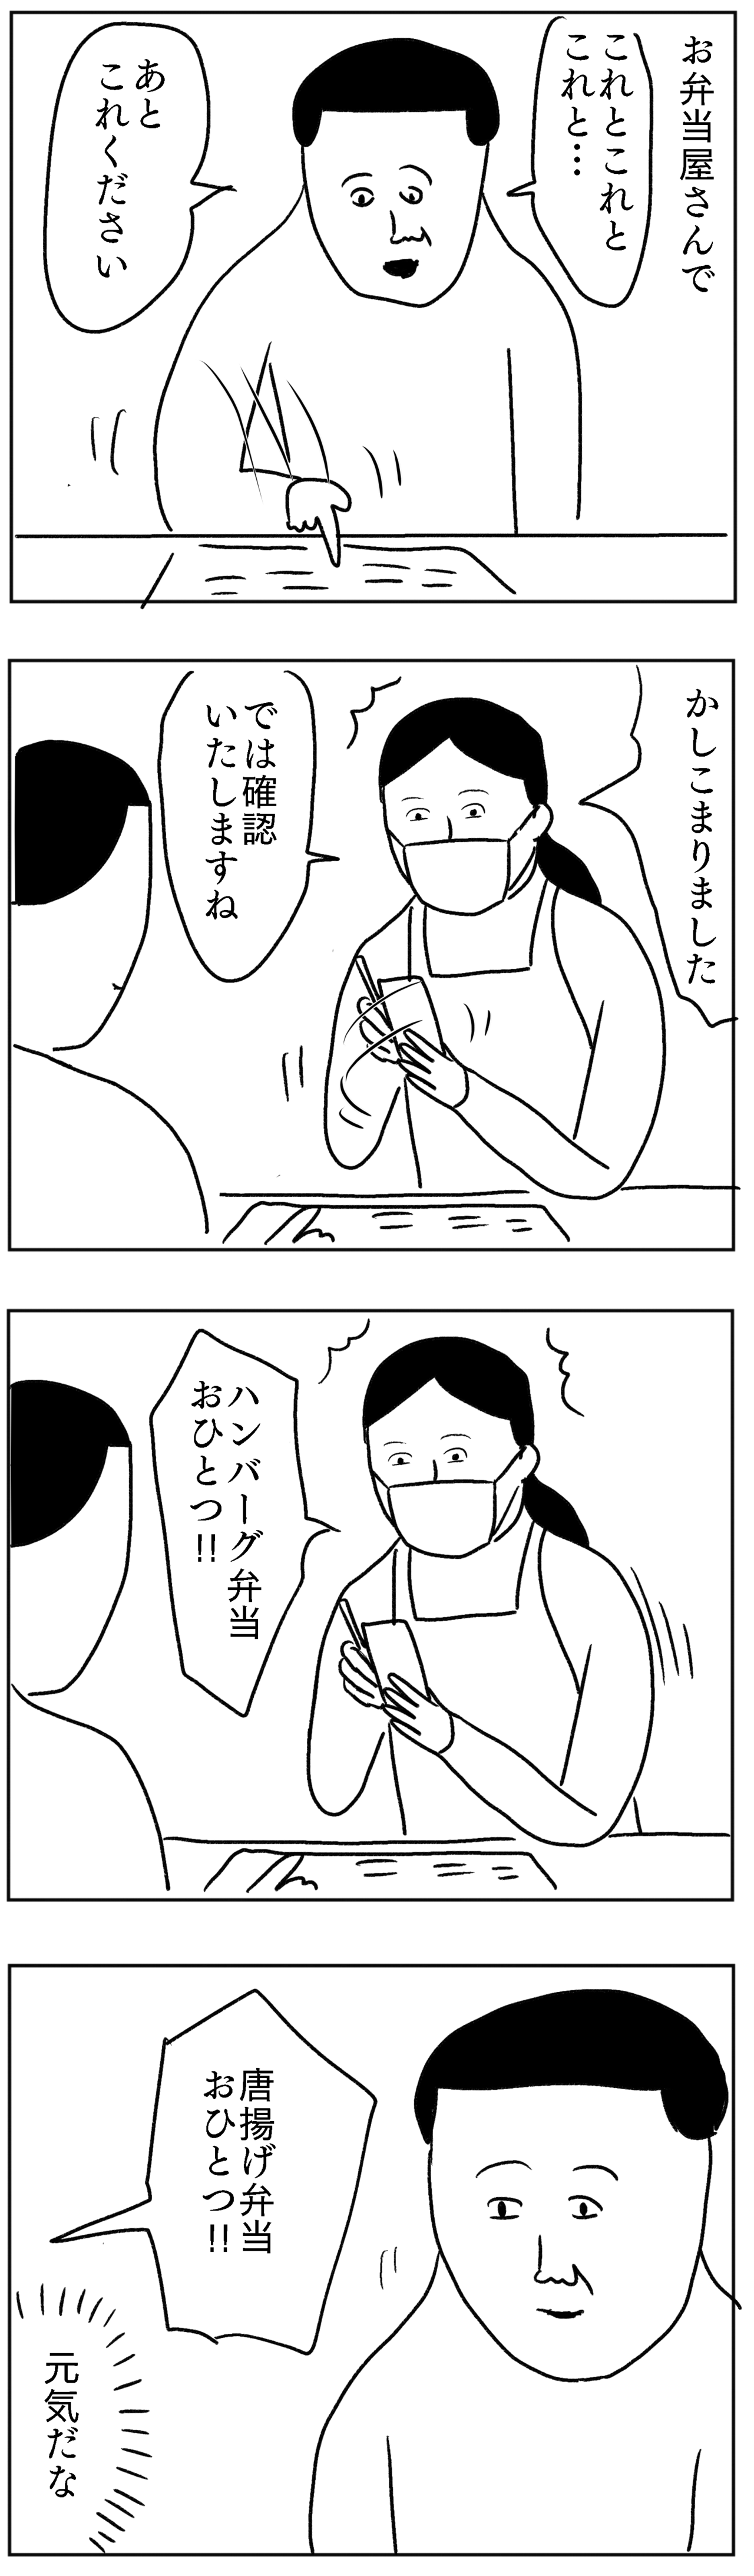 屋 の おばさん 弁当